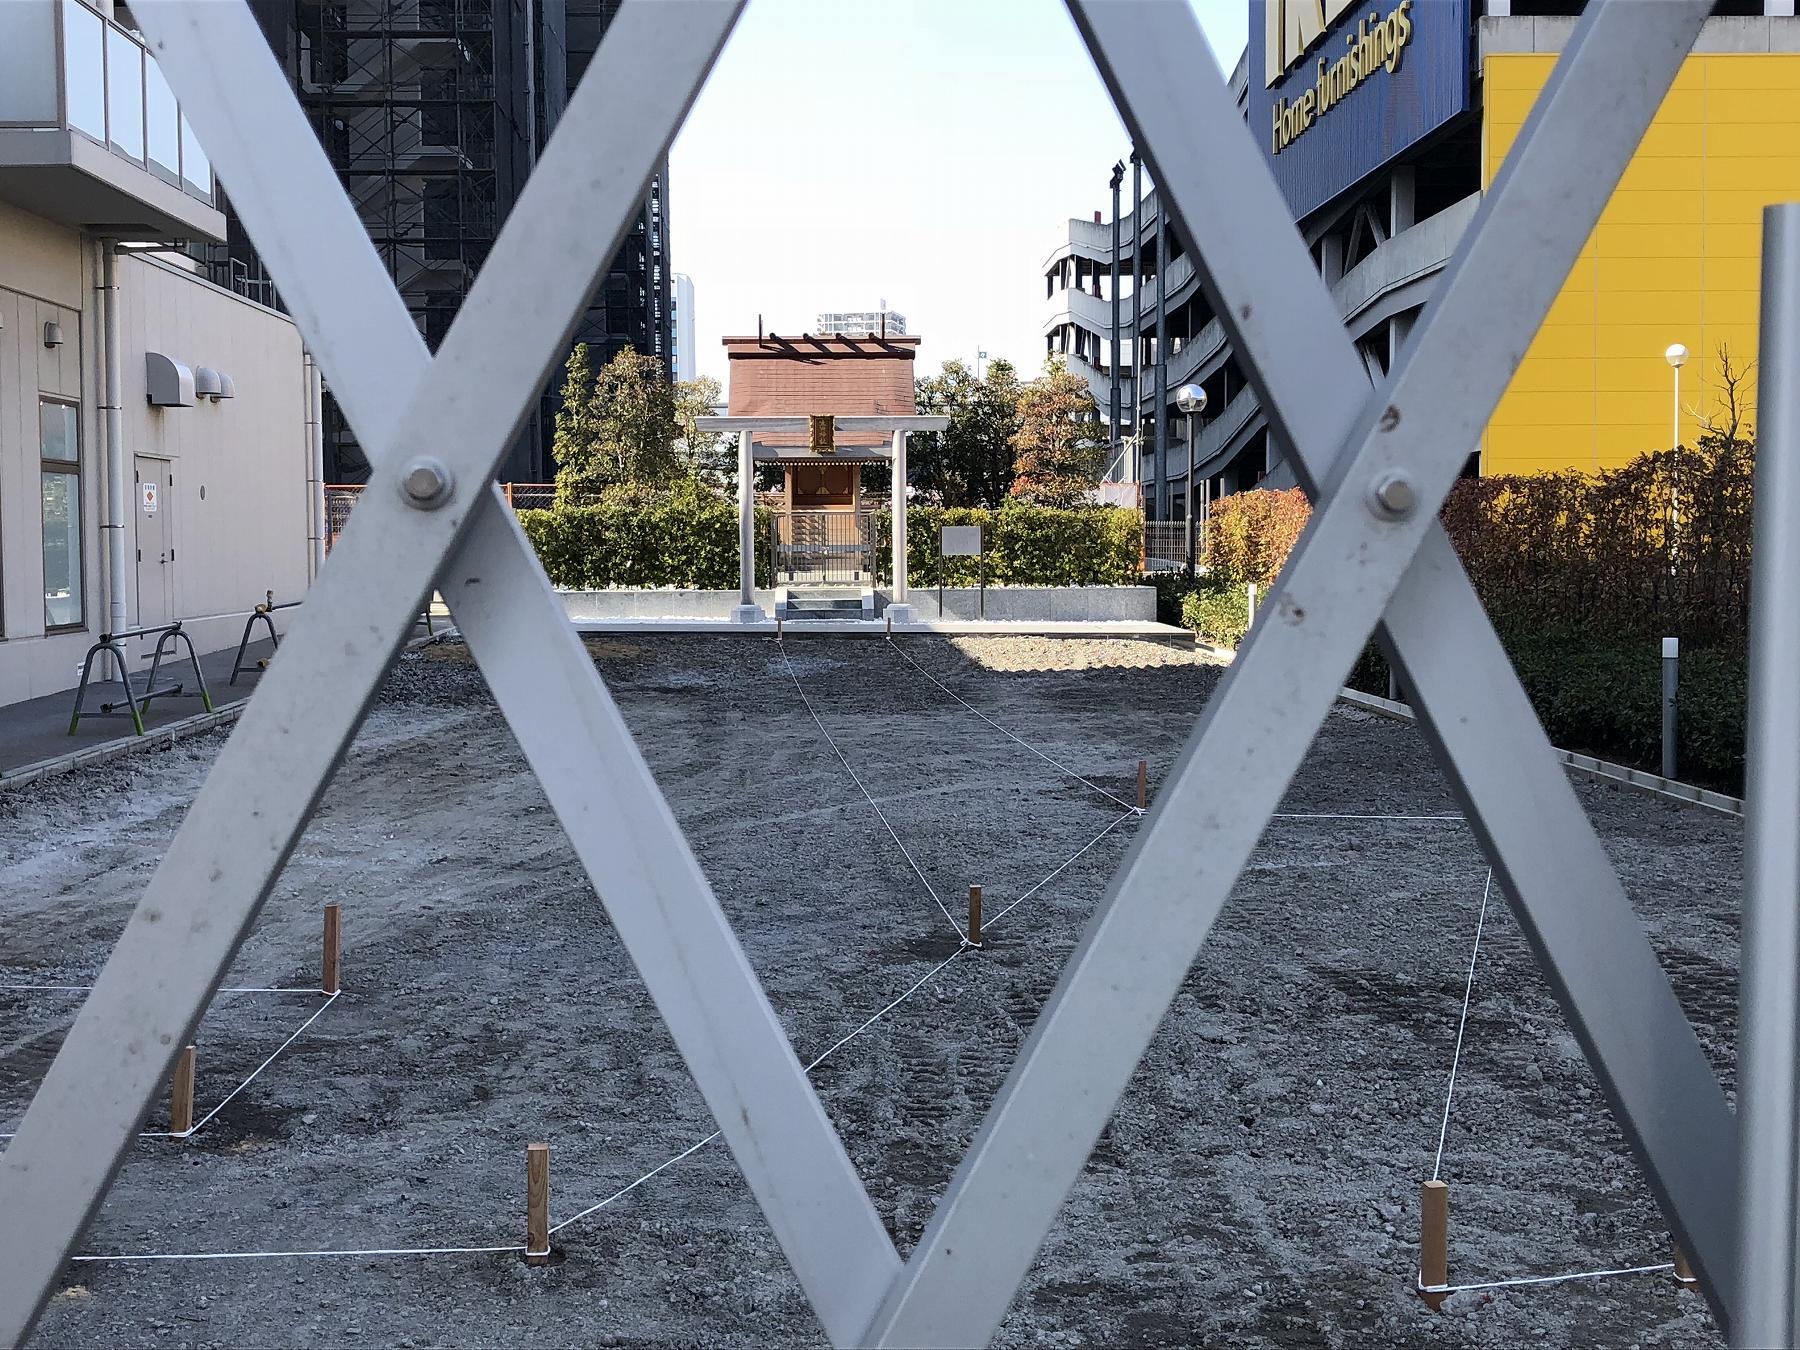 神戸・ポートアイランドに完成した「生田神社分社」前が工事中、遠くから眺めてきた! #生田神社分社 #ポートアイランド